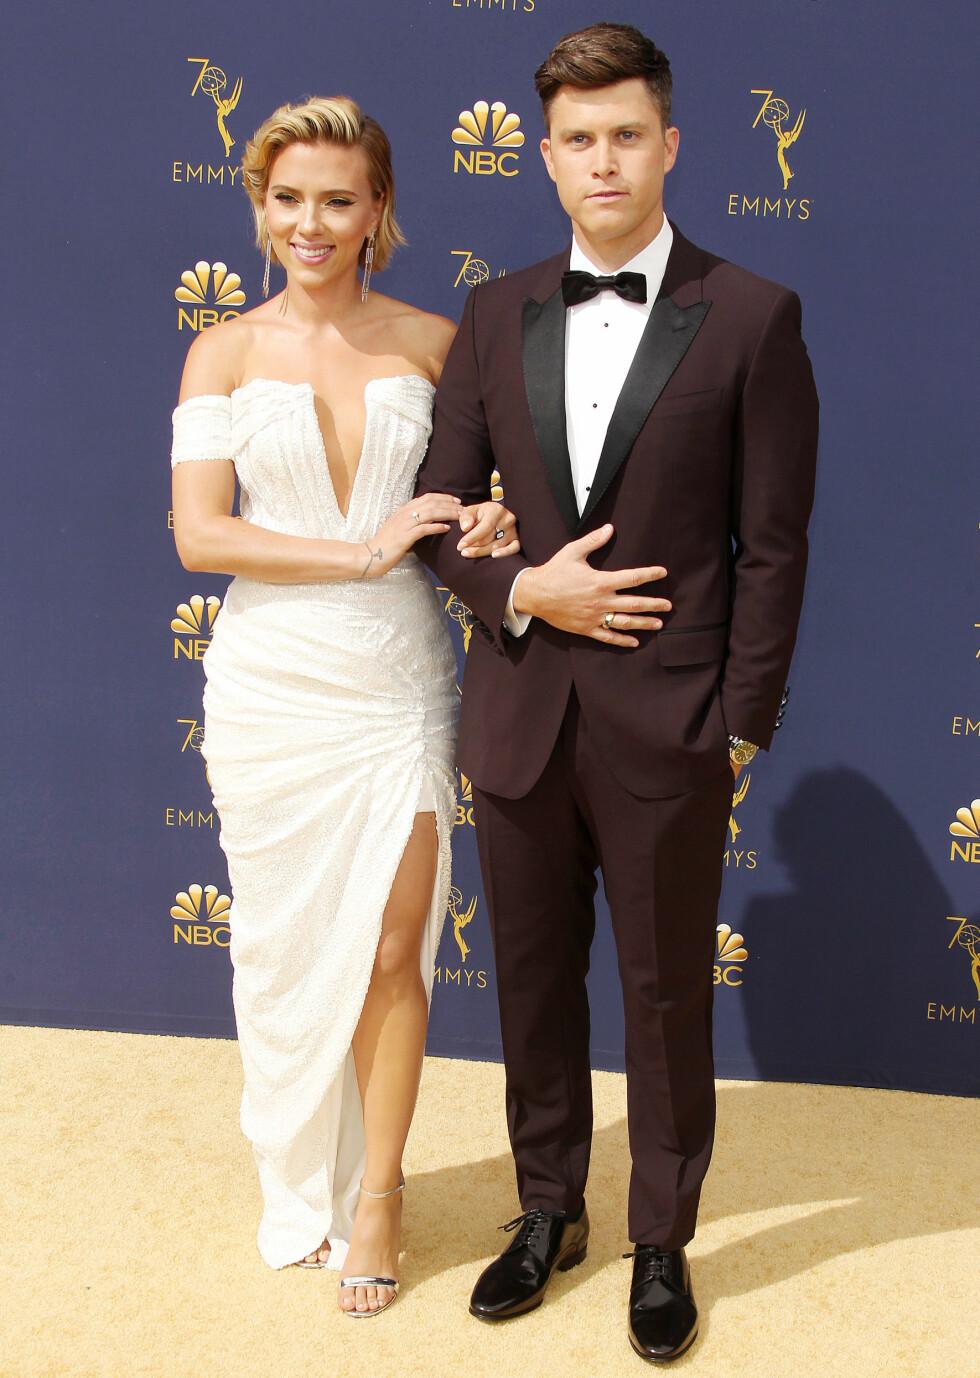 VISTE FREM KJÆRLIGHETEN: Emmy-vert Colin Jost med kjæresten Scarlett Johansson. De ble sammen i mai i fjor. FOTO: NTB Scanpix